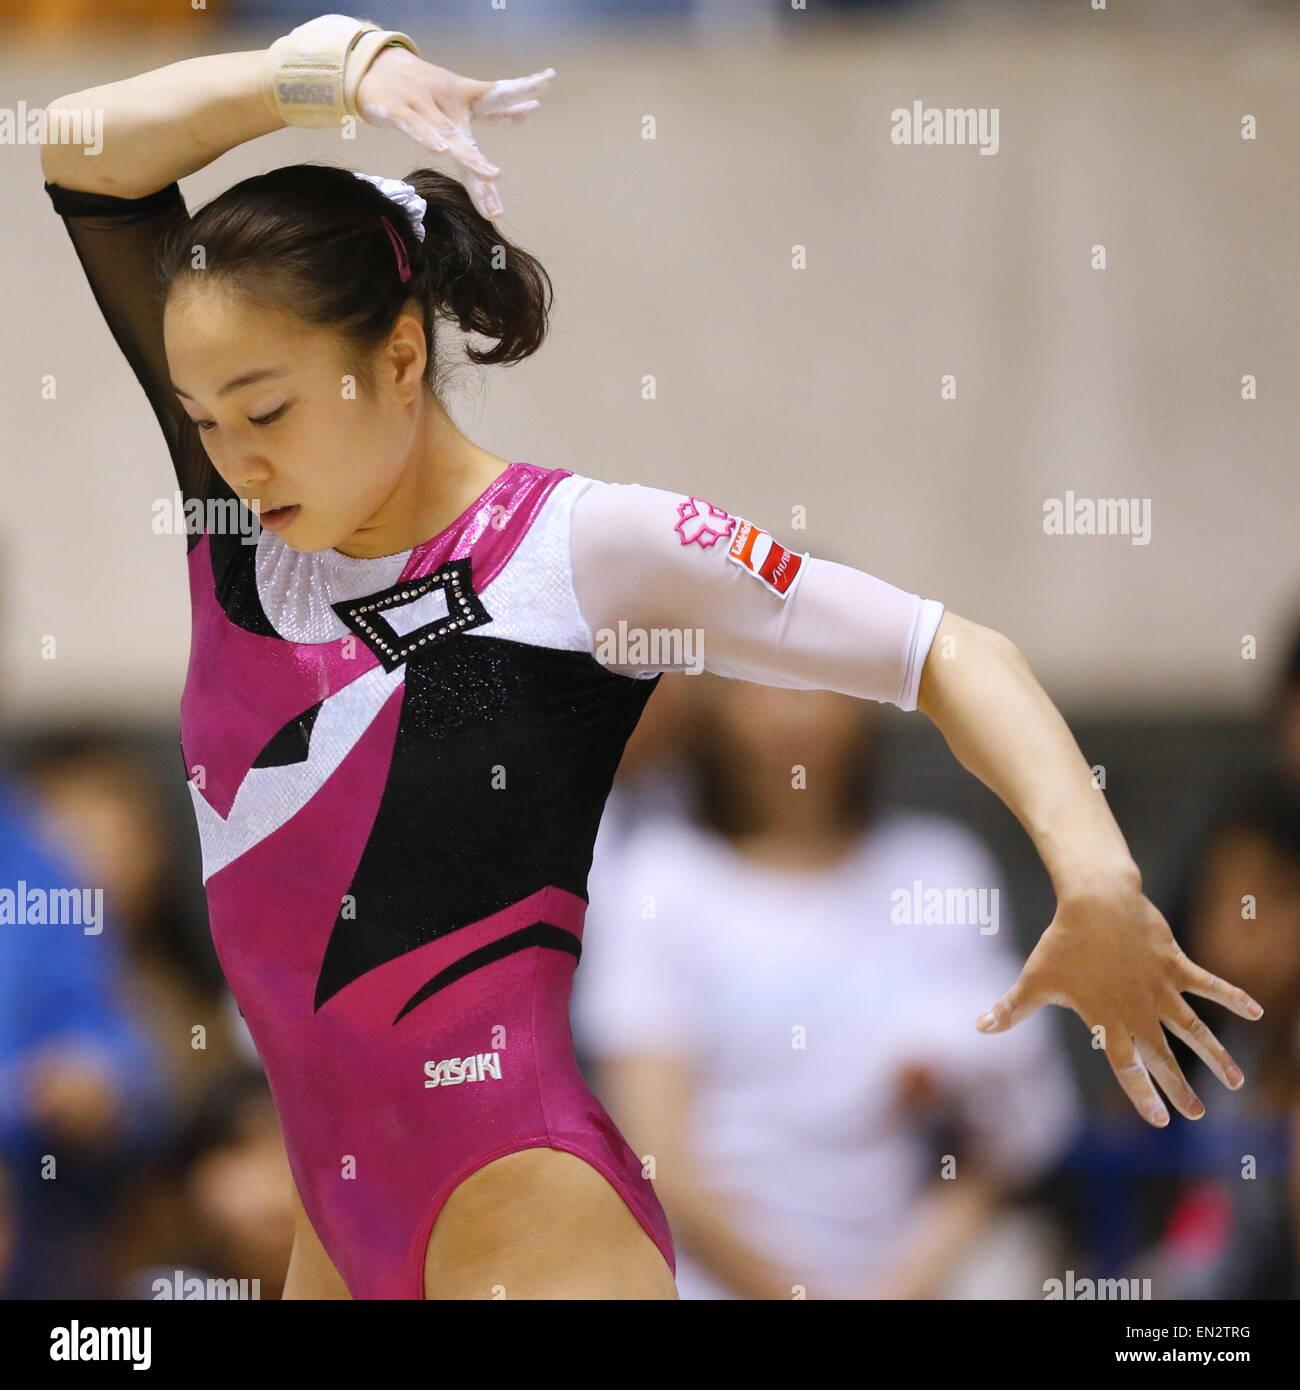 Natsumi Sasada, 26 avril 2015 - La gymnastique artistique: La 69ème All Japan Championship Gymnastique Photo Stock